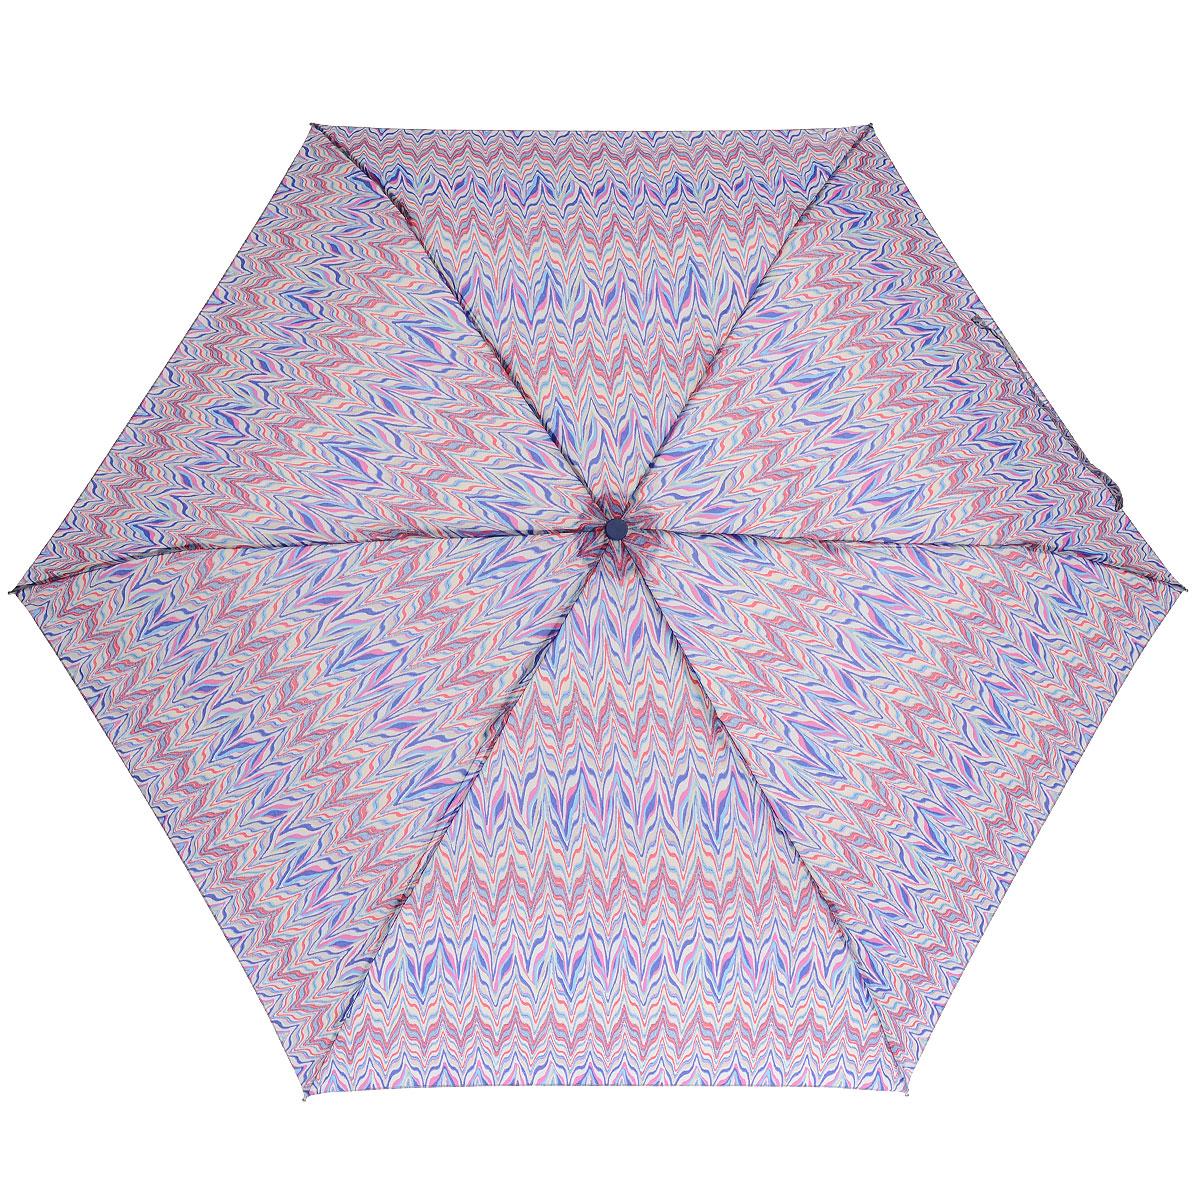 """Зонт женский Fulton Marble, механический, 3 сложения, цвет: синий, розовыйREM12-CAM-GREENBLACKСтильный зонт Fulton """"Marble"""" защитит от непогоды, а его компактный размер позволит вам всегда носить его с собой. """"Ветростойкий"""" алюминиевый каркас в 3 сложения состоит из шести спиц с элементами из фибергласса, зонт оснащен удобной рукояткой из пластика. Купол зонта выполнен из прочного полиэстера и оформлен ярким орнаментом. На рукоятке для удобства есть небольшой шнурок-резинка, позволяющий надеть зонт на руку тогда, когда это будет необходимо. К зонту прилагается чехол на липучке.Зонт механического сложения: купол открывается и закрывается вручную, стержень также складывается вручную до характерного щелчка. Характеристики: Материал: алюминий, фибергласс, пластик, полиэстер. Цвет: синий, розовый. Диаметр купола: 86 см. Длина зонта в сложенном виде: 22 см. Длина ручки (стержня) в раскрытом виде:51 см.Вес: 138 г.Диаметр зонта (в сложенном виде): 3 см.Артикул: L553 3F264."""